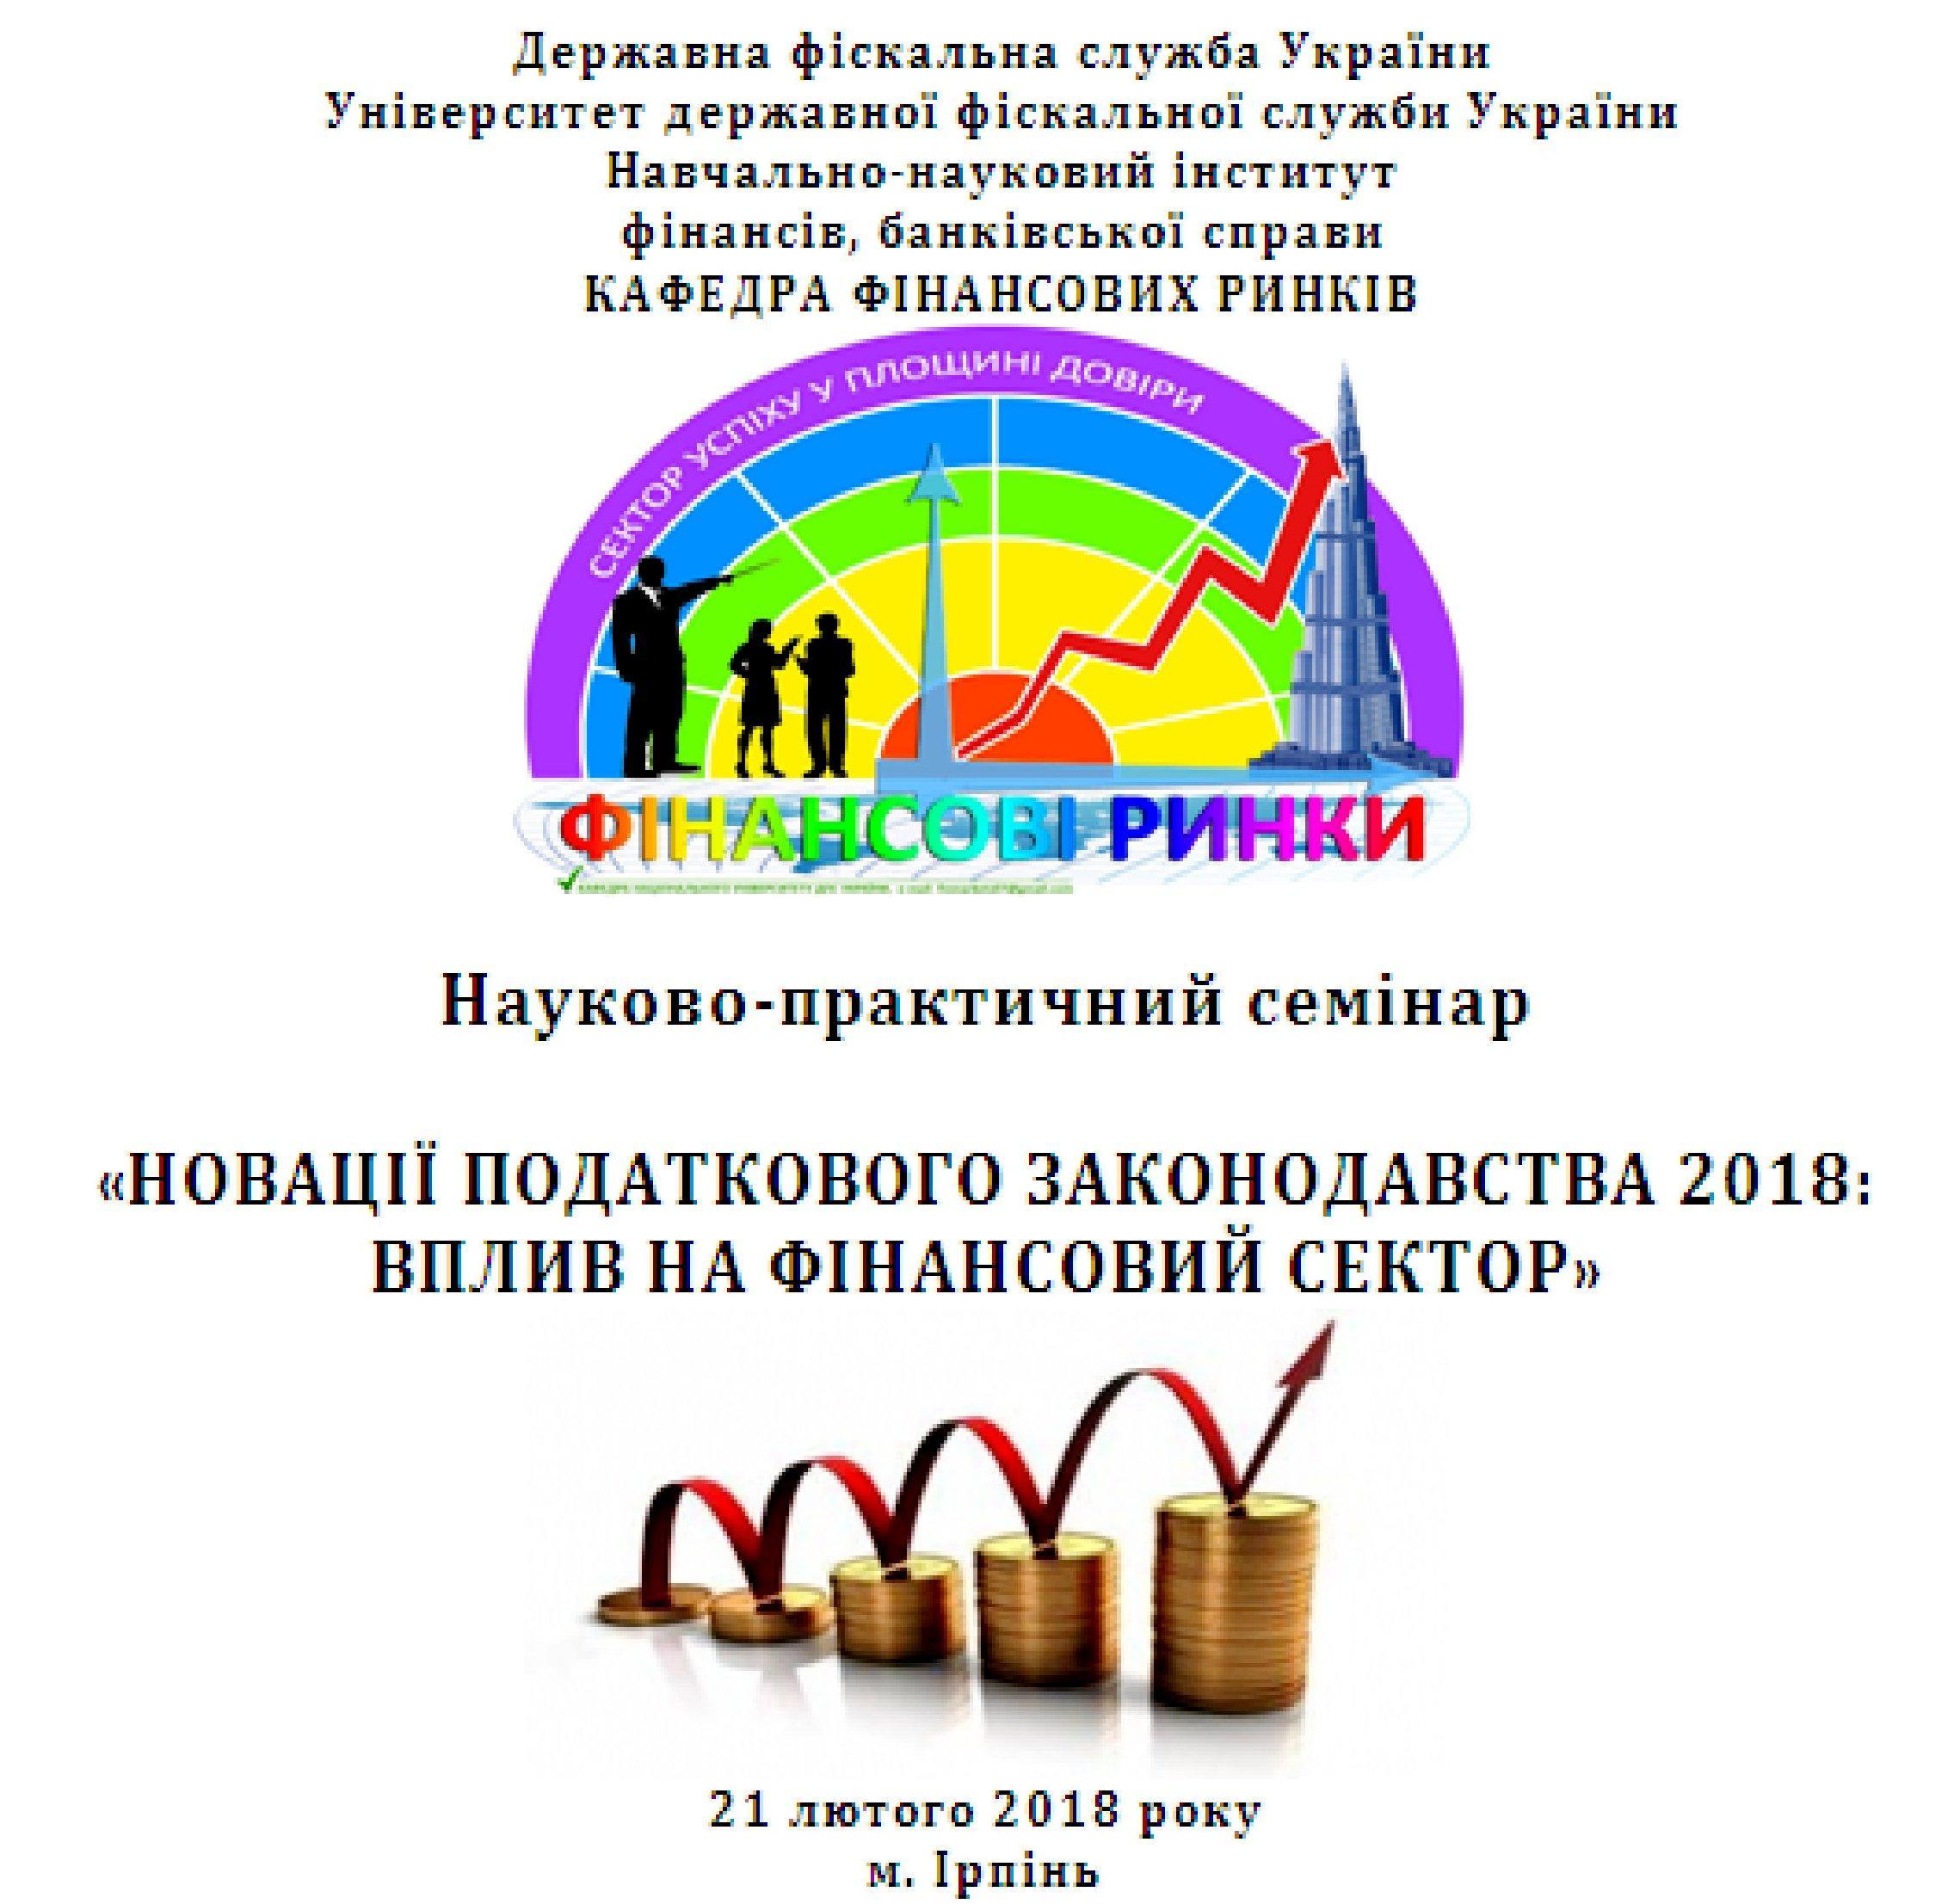 Новації податкового законодавства 2018: вплив на  фінансовий сектор